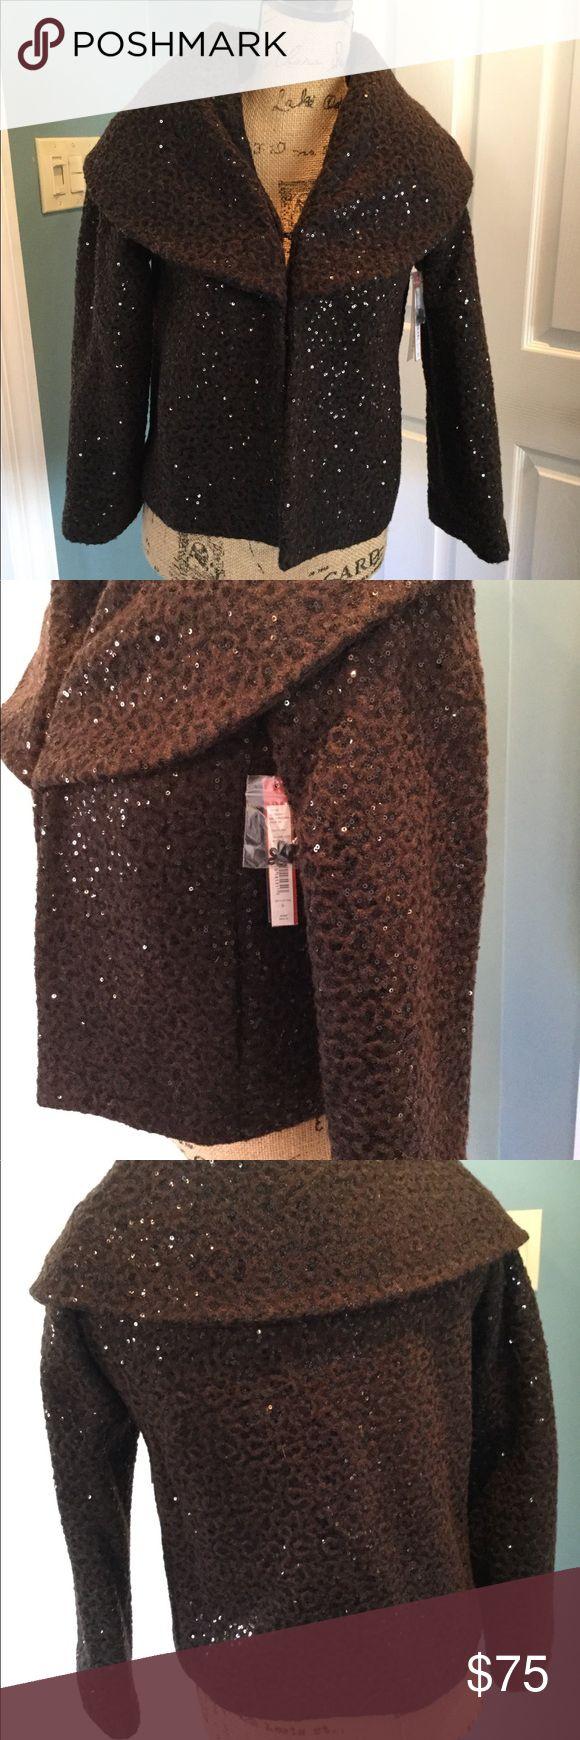 New Alice & Olivia wool sequin coat New with tags. Brown sequin Alice & Olivia coat. Size small. Alice + Olivia Jackets & Coats